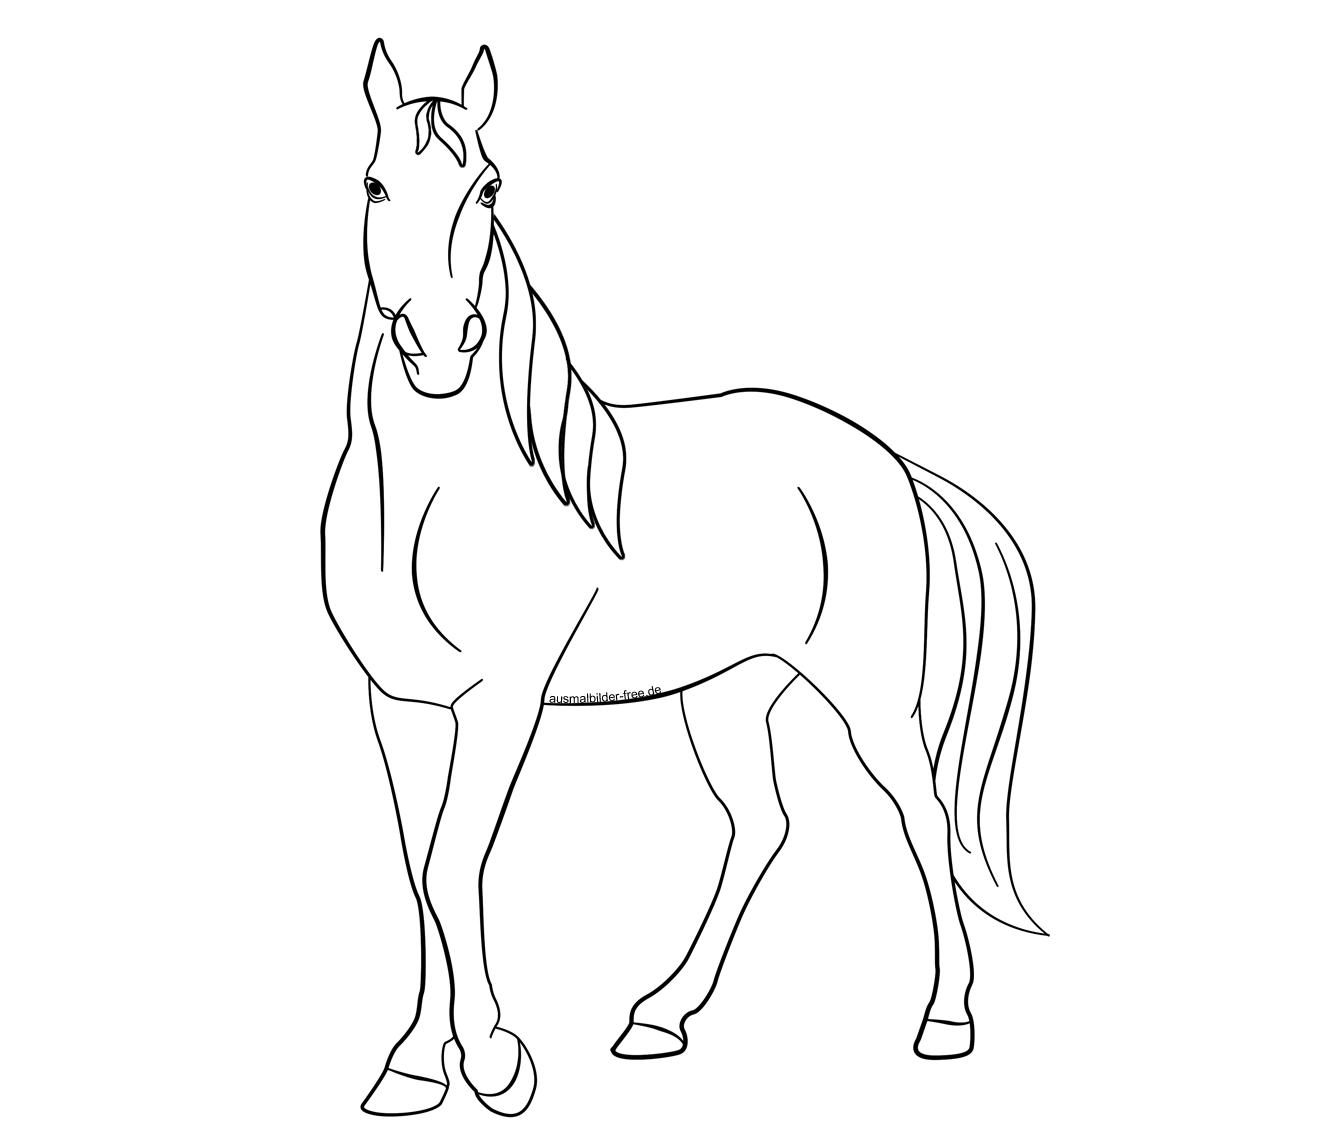 Ausmalbilder Tiere Pferd Pferde Gaul Ackergaul Ponny Karikaturen